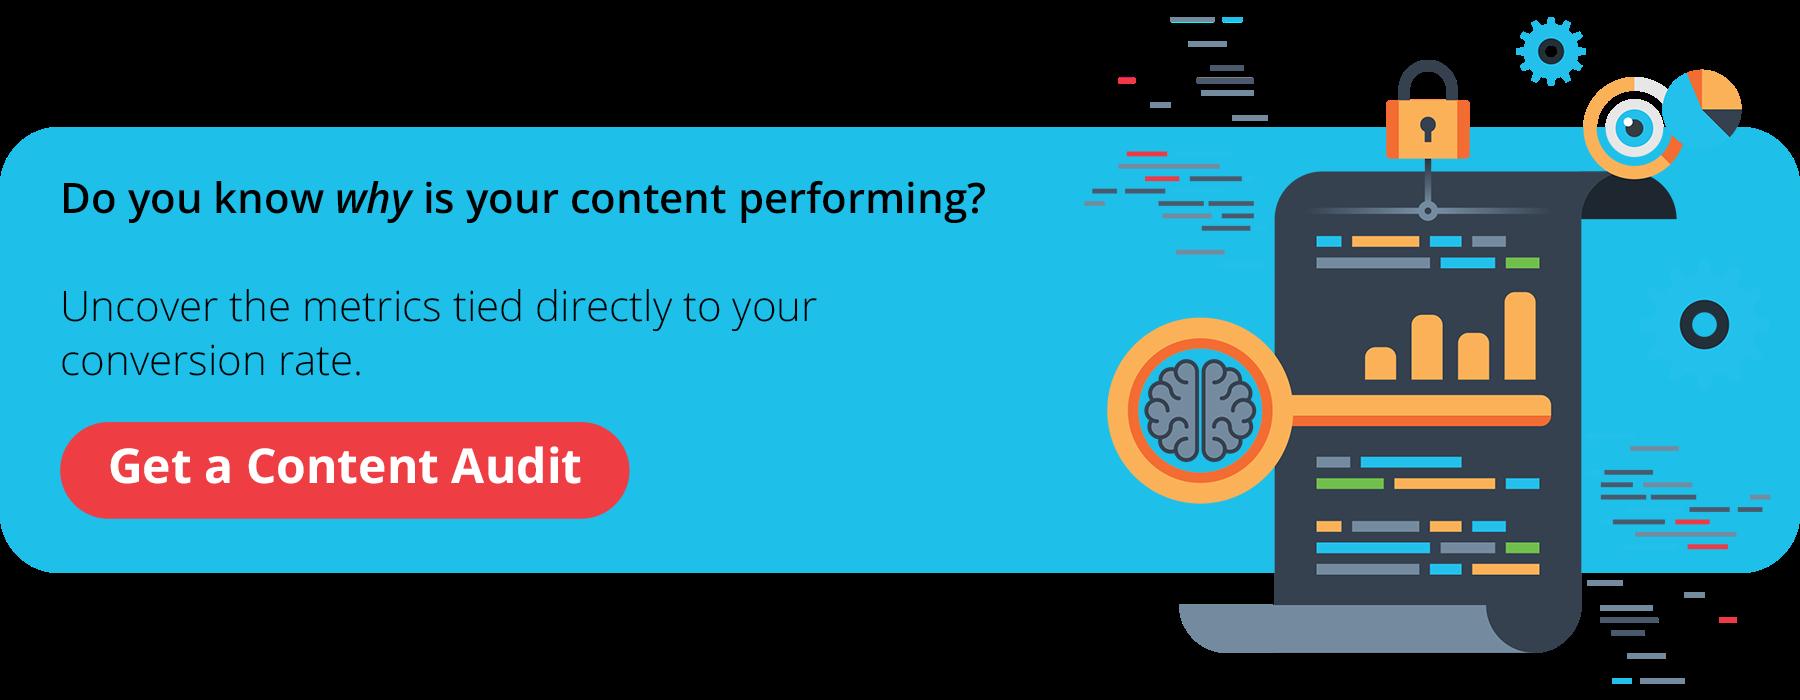 Get a Content Audit (CTA)